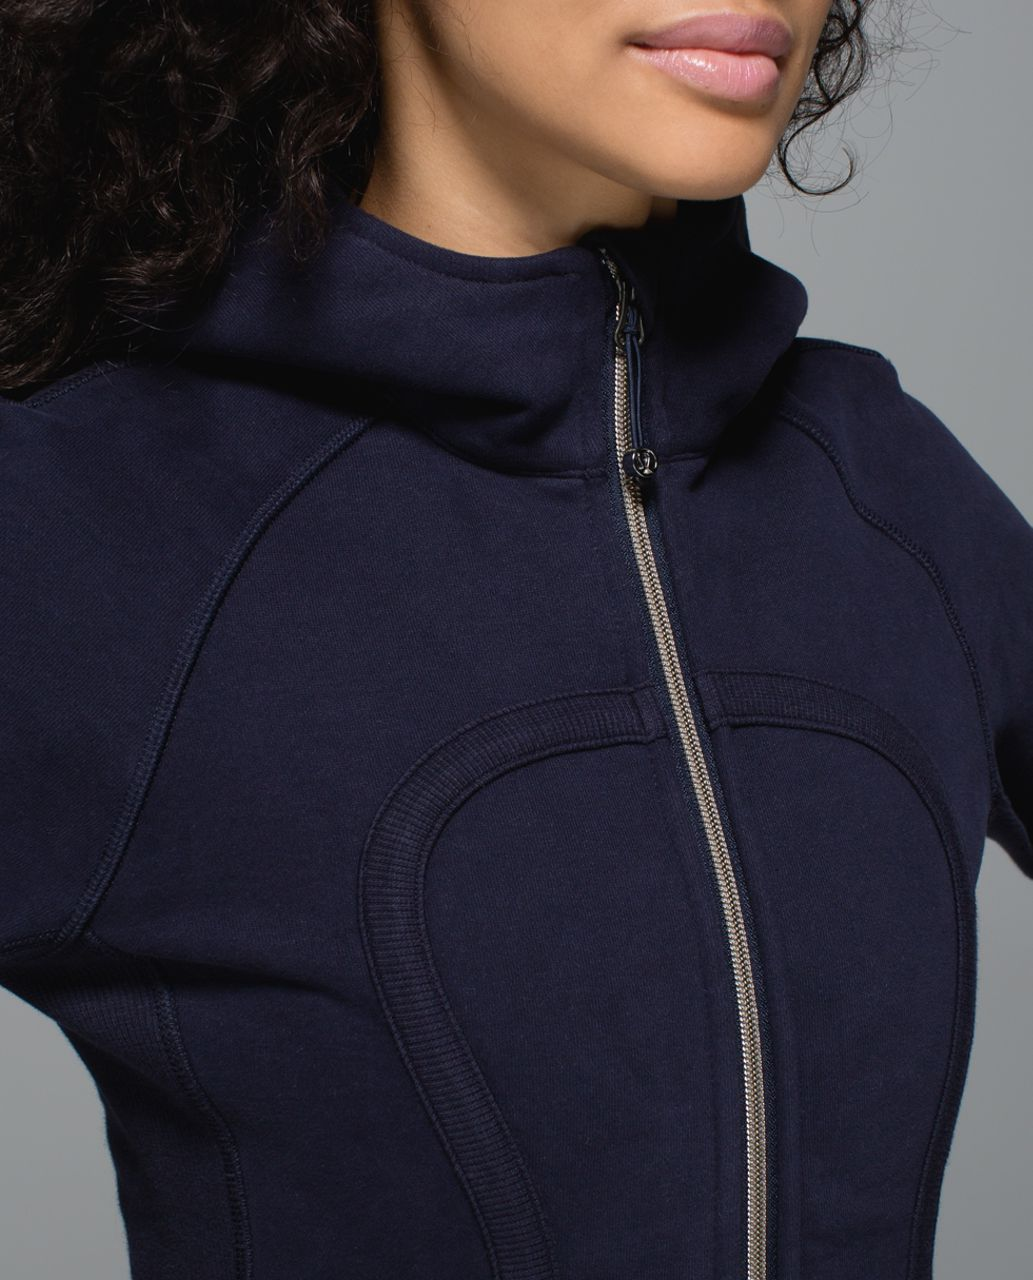 Lululemon Scuba Hoodie II - Naval Blue / Naval Blue